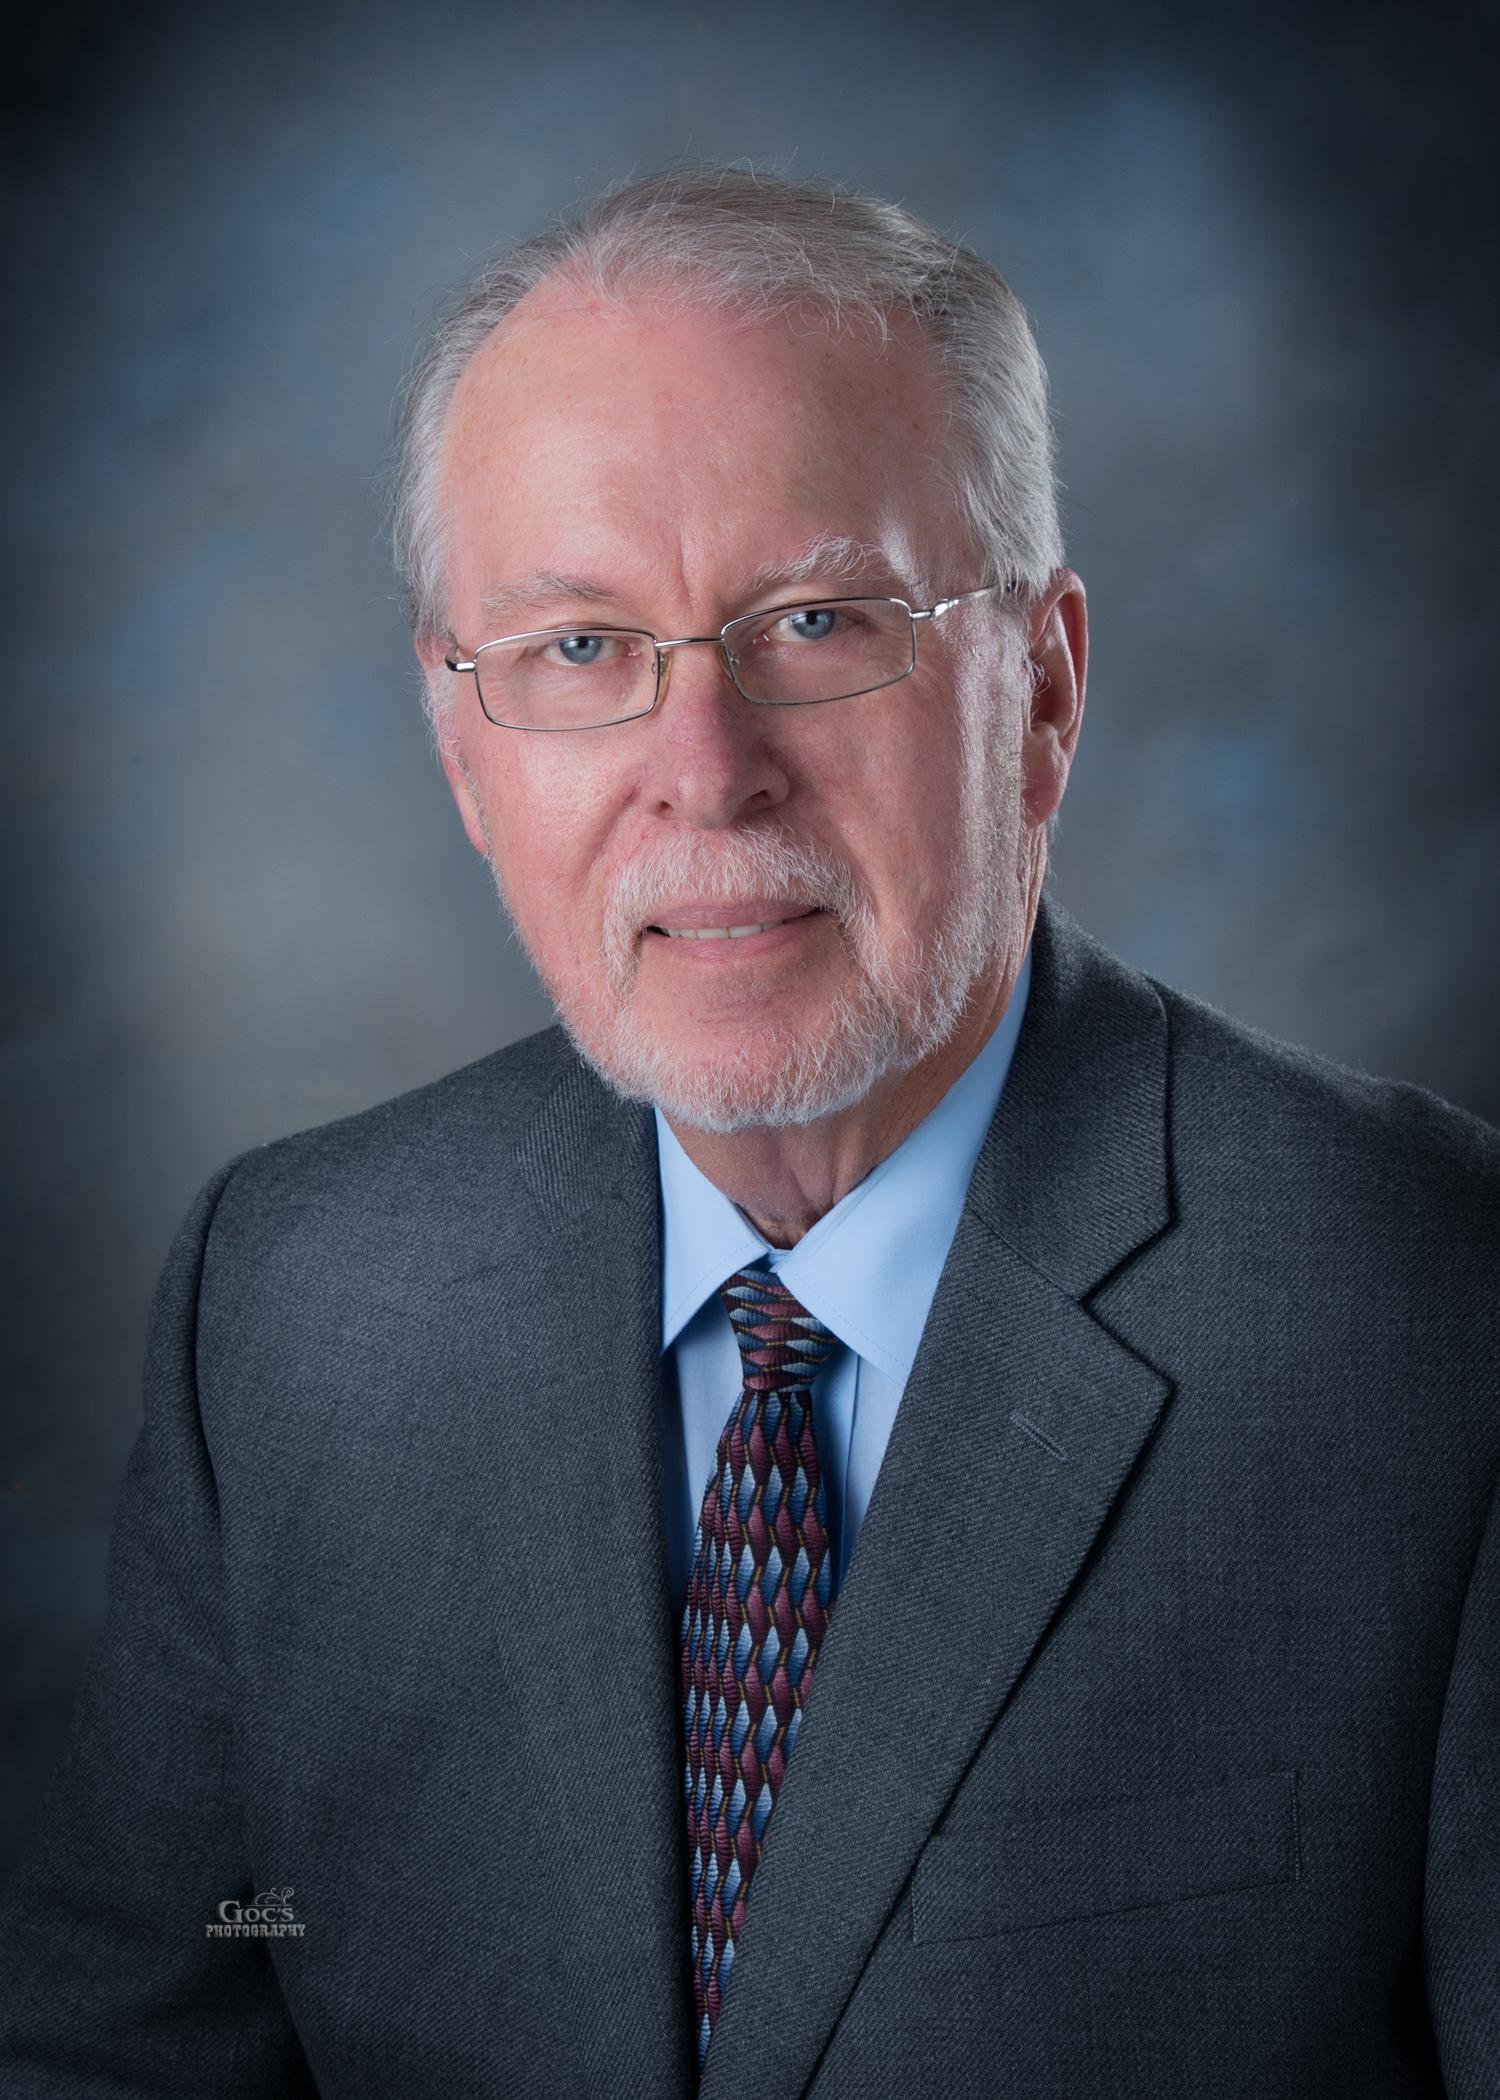 Patrick M. Peer